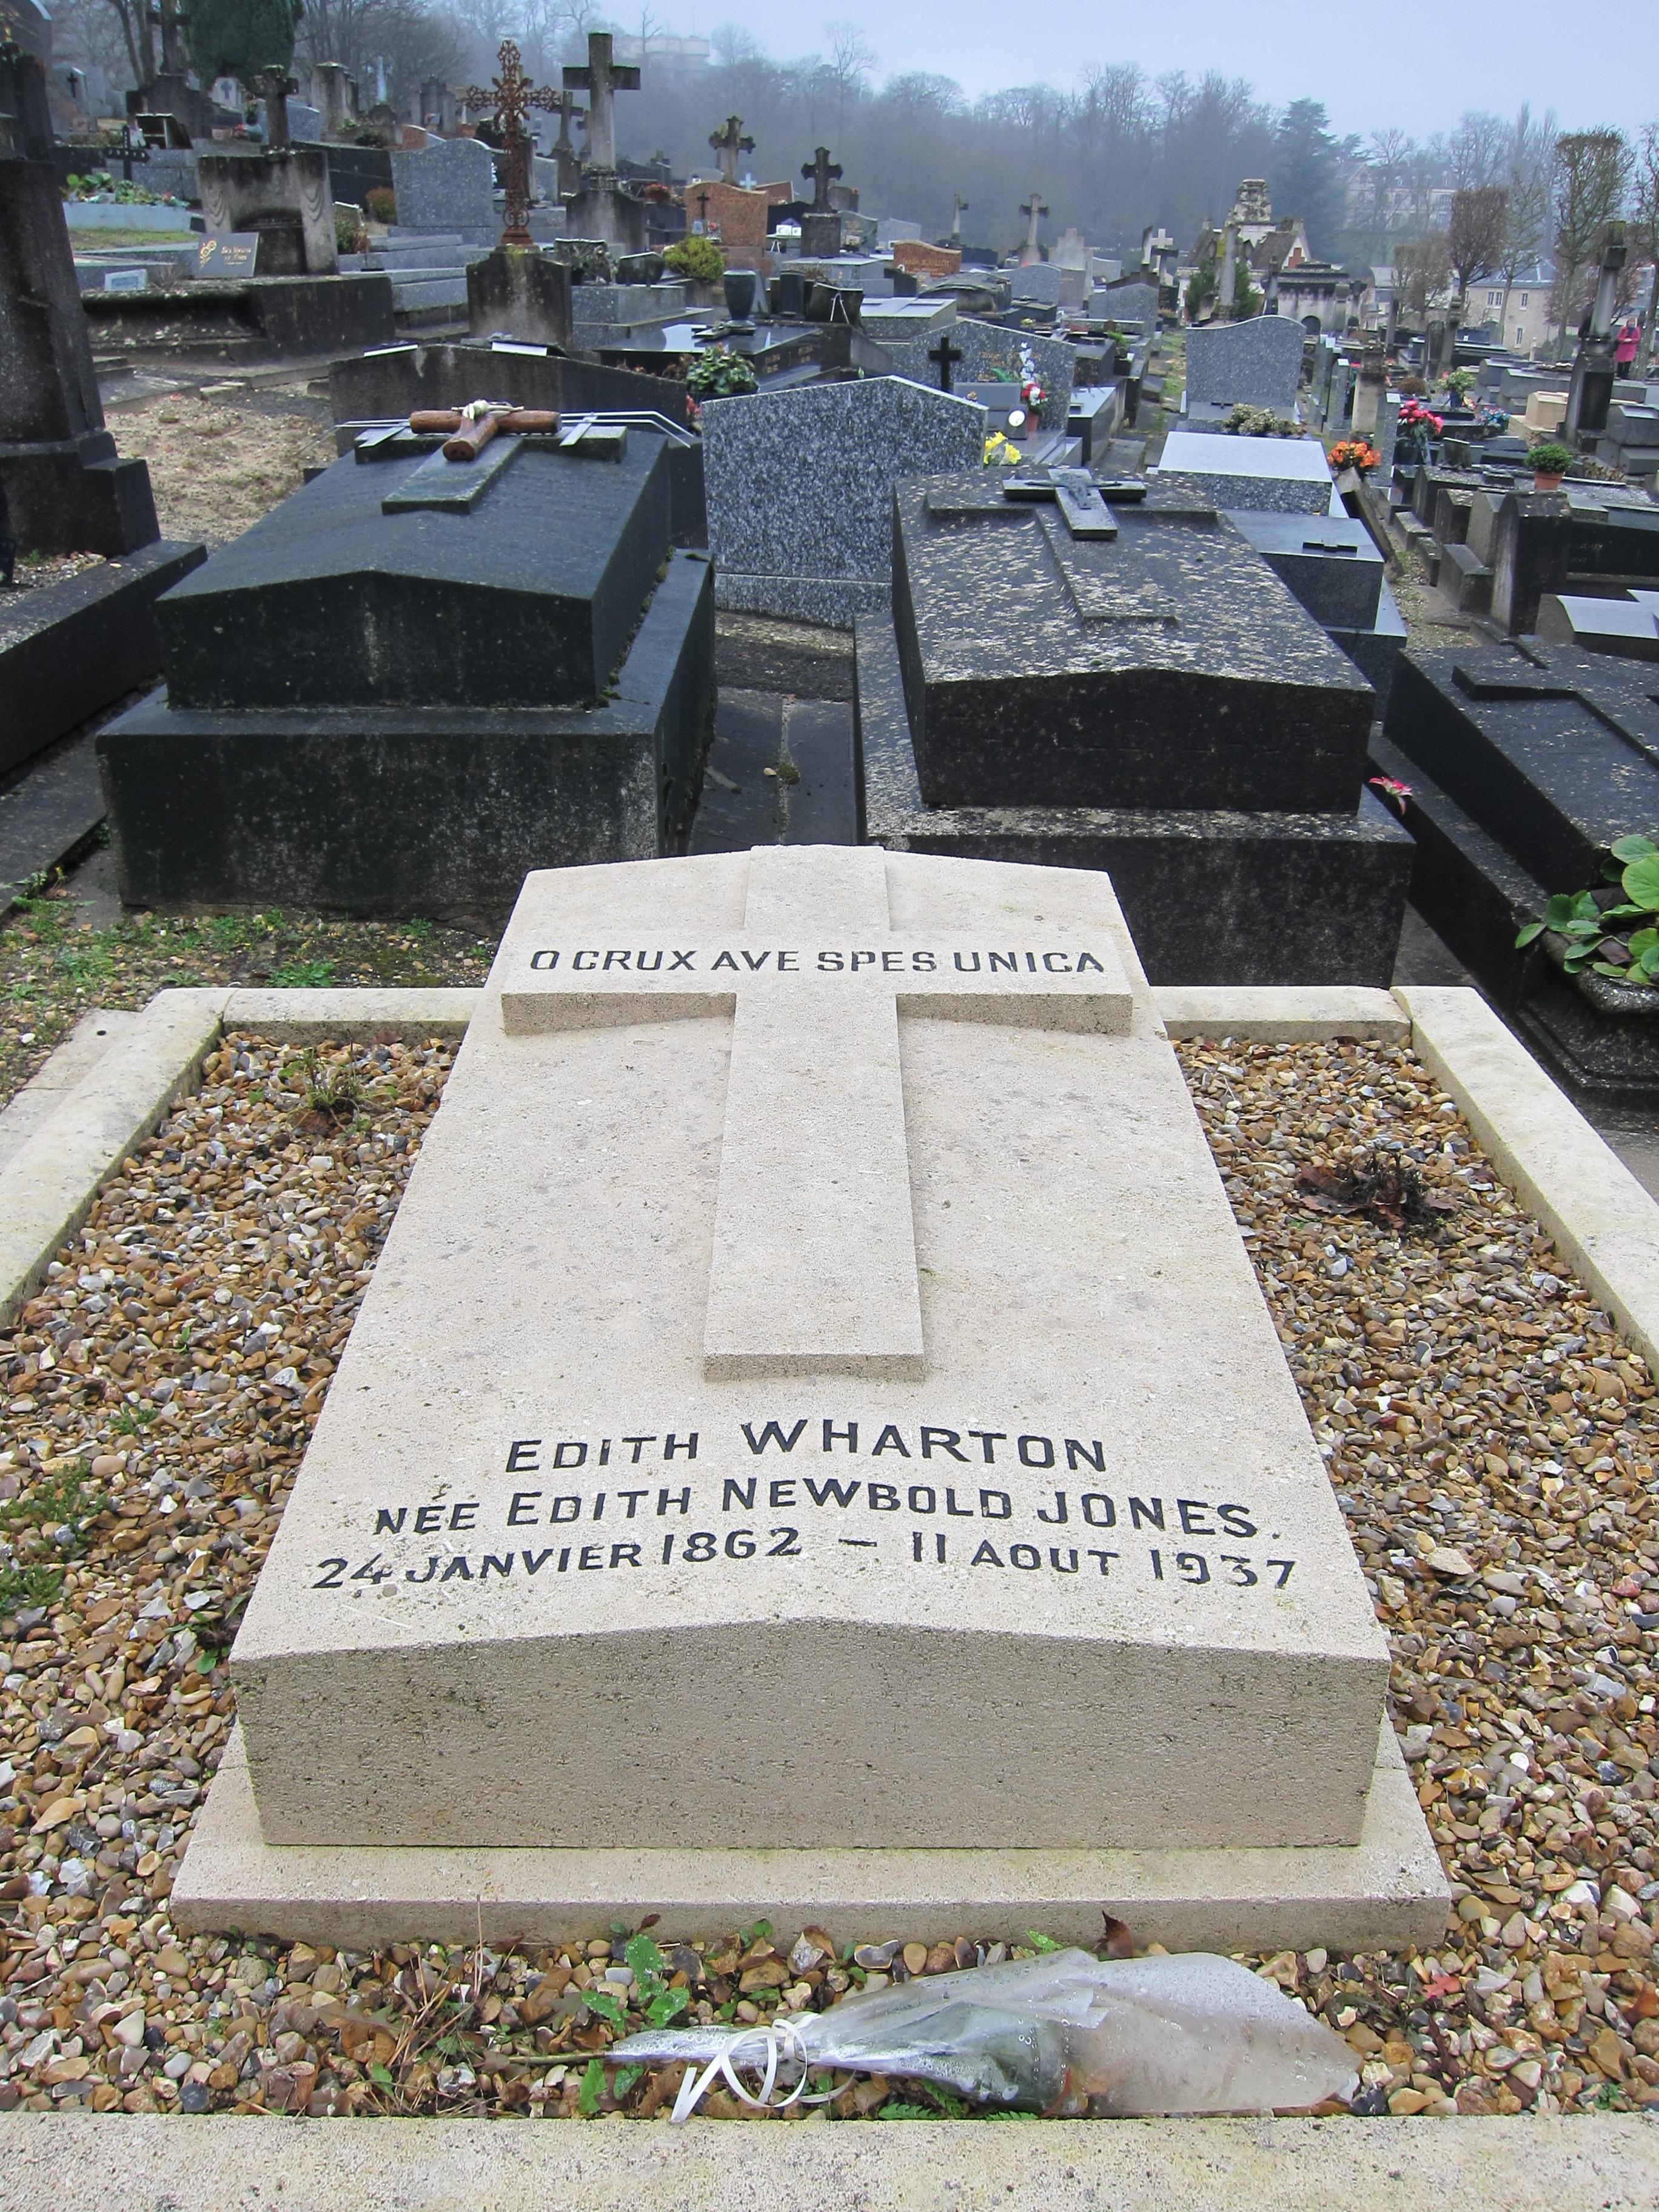 edith wharton grave